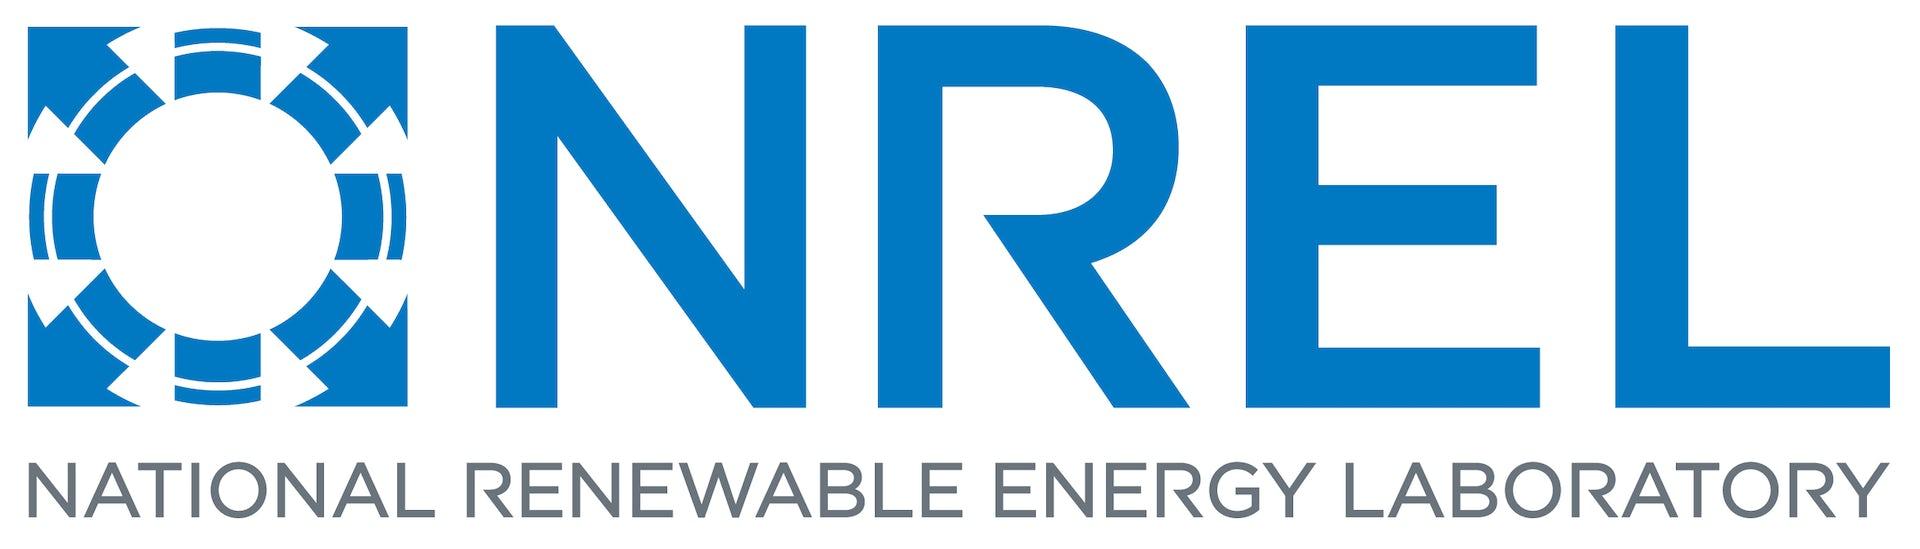 Logo 1540927779.jpg?ixlib=rb 1.1